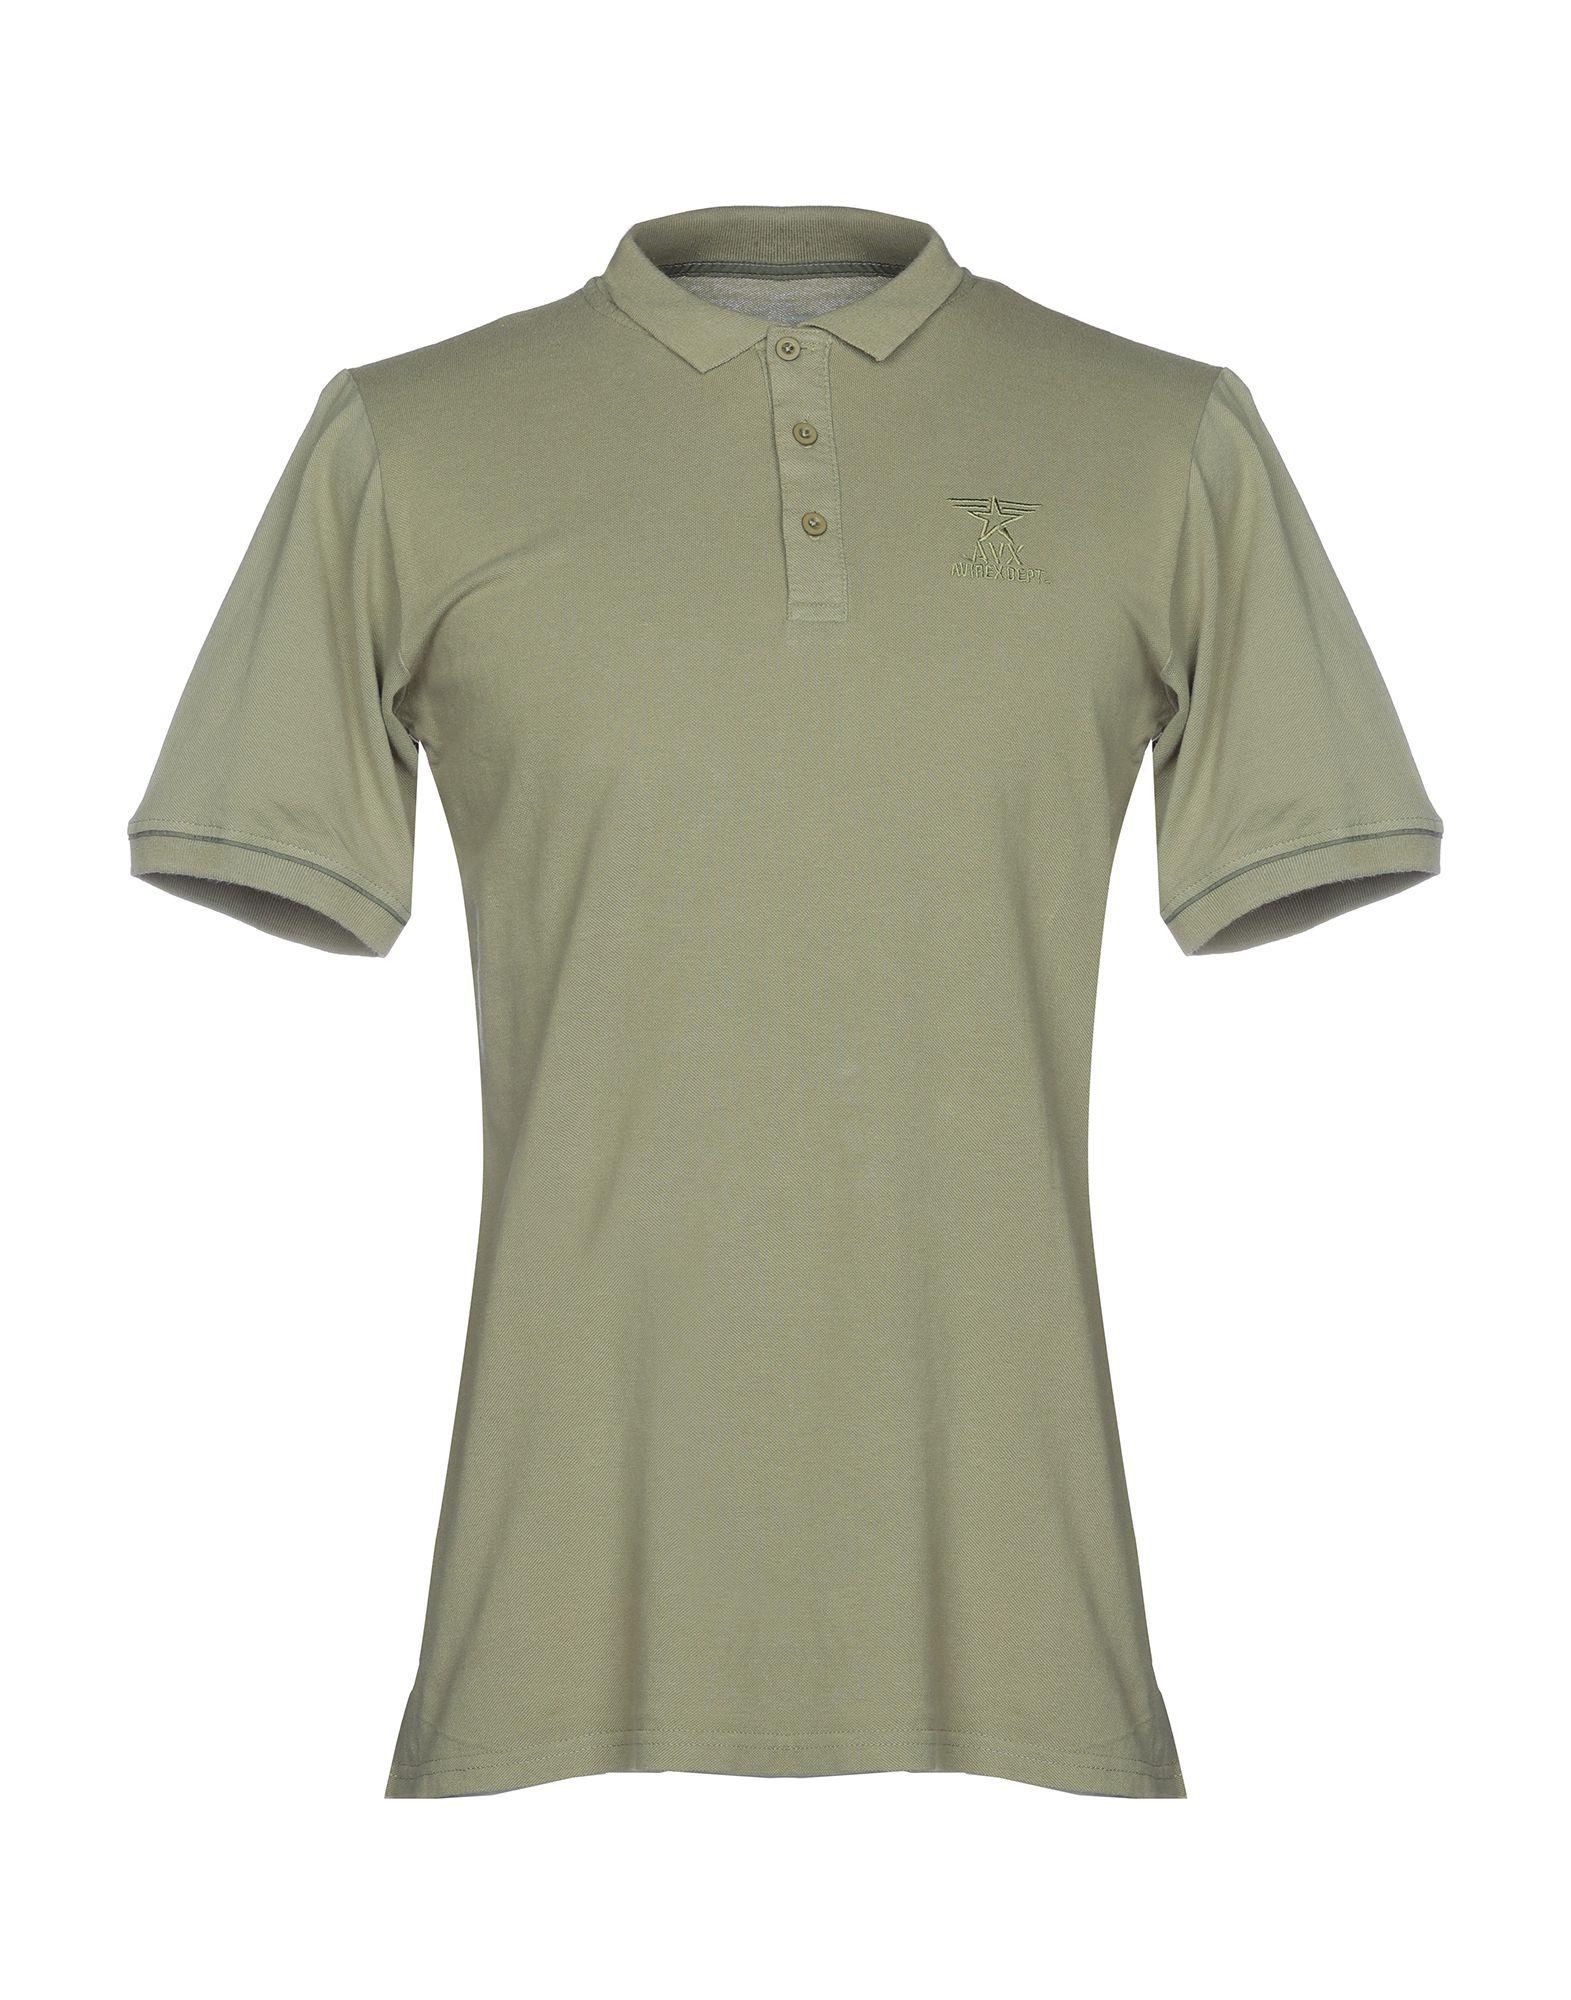 《送料無料》AVIREX メンズ ポロシャツ ミリタリーグリーン S コットン 100%